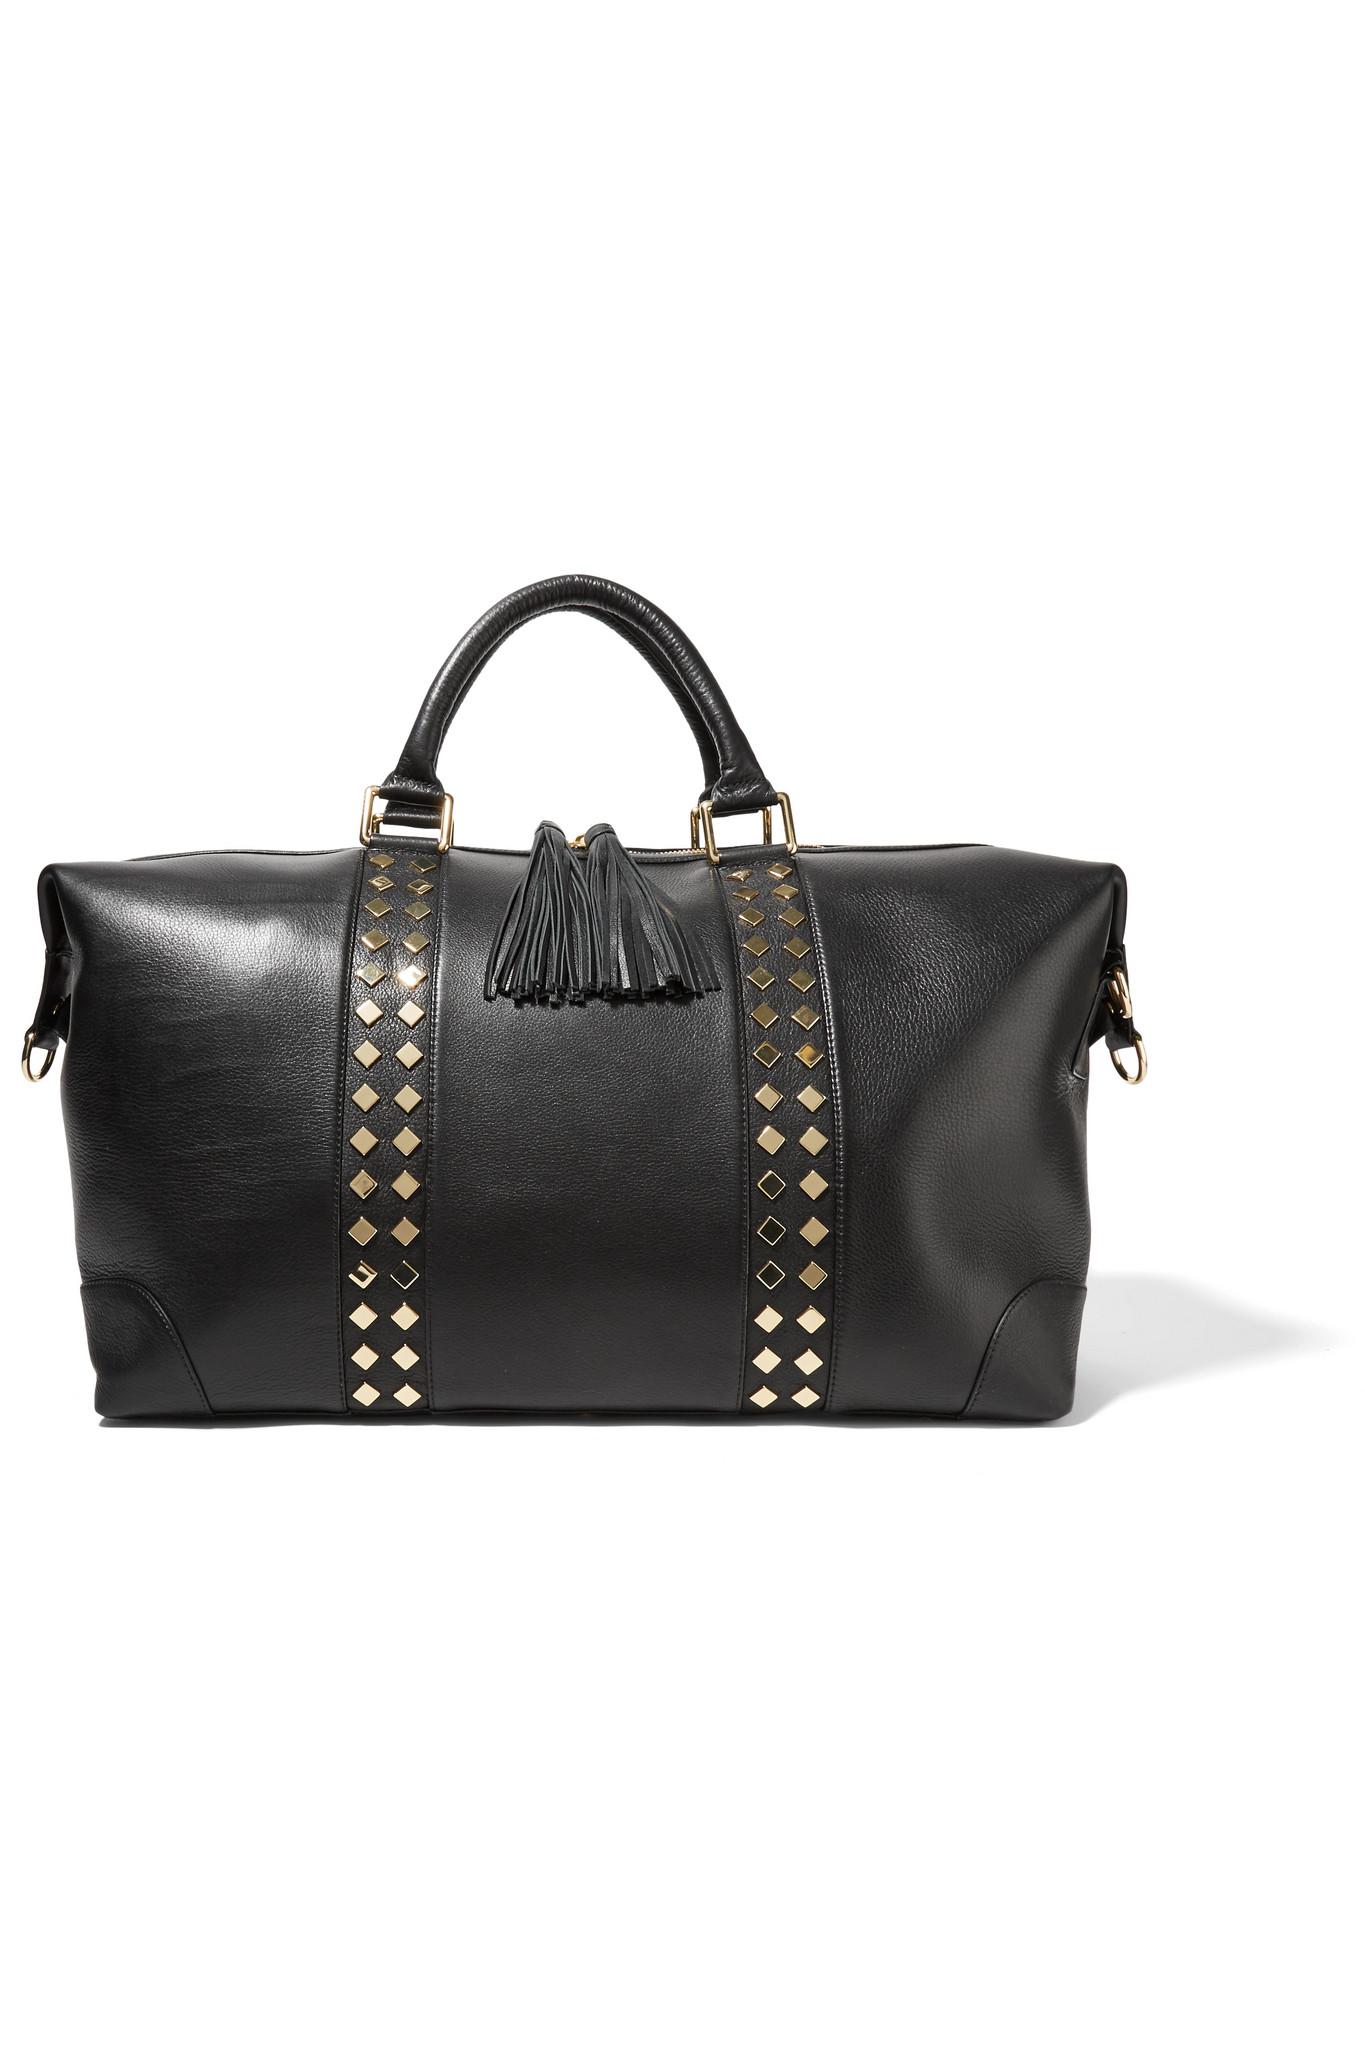 Eddie Harrop Pre-owned - Leather handbag oOwCxJJqzv